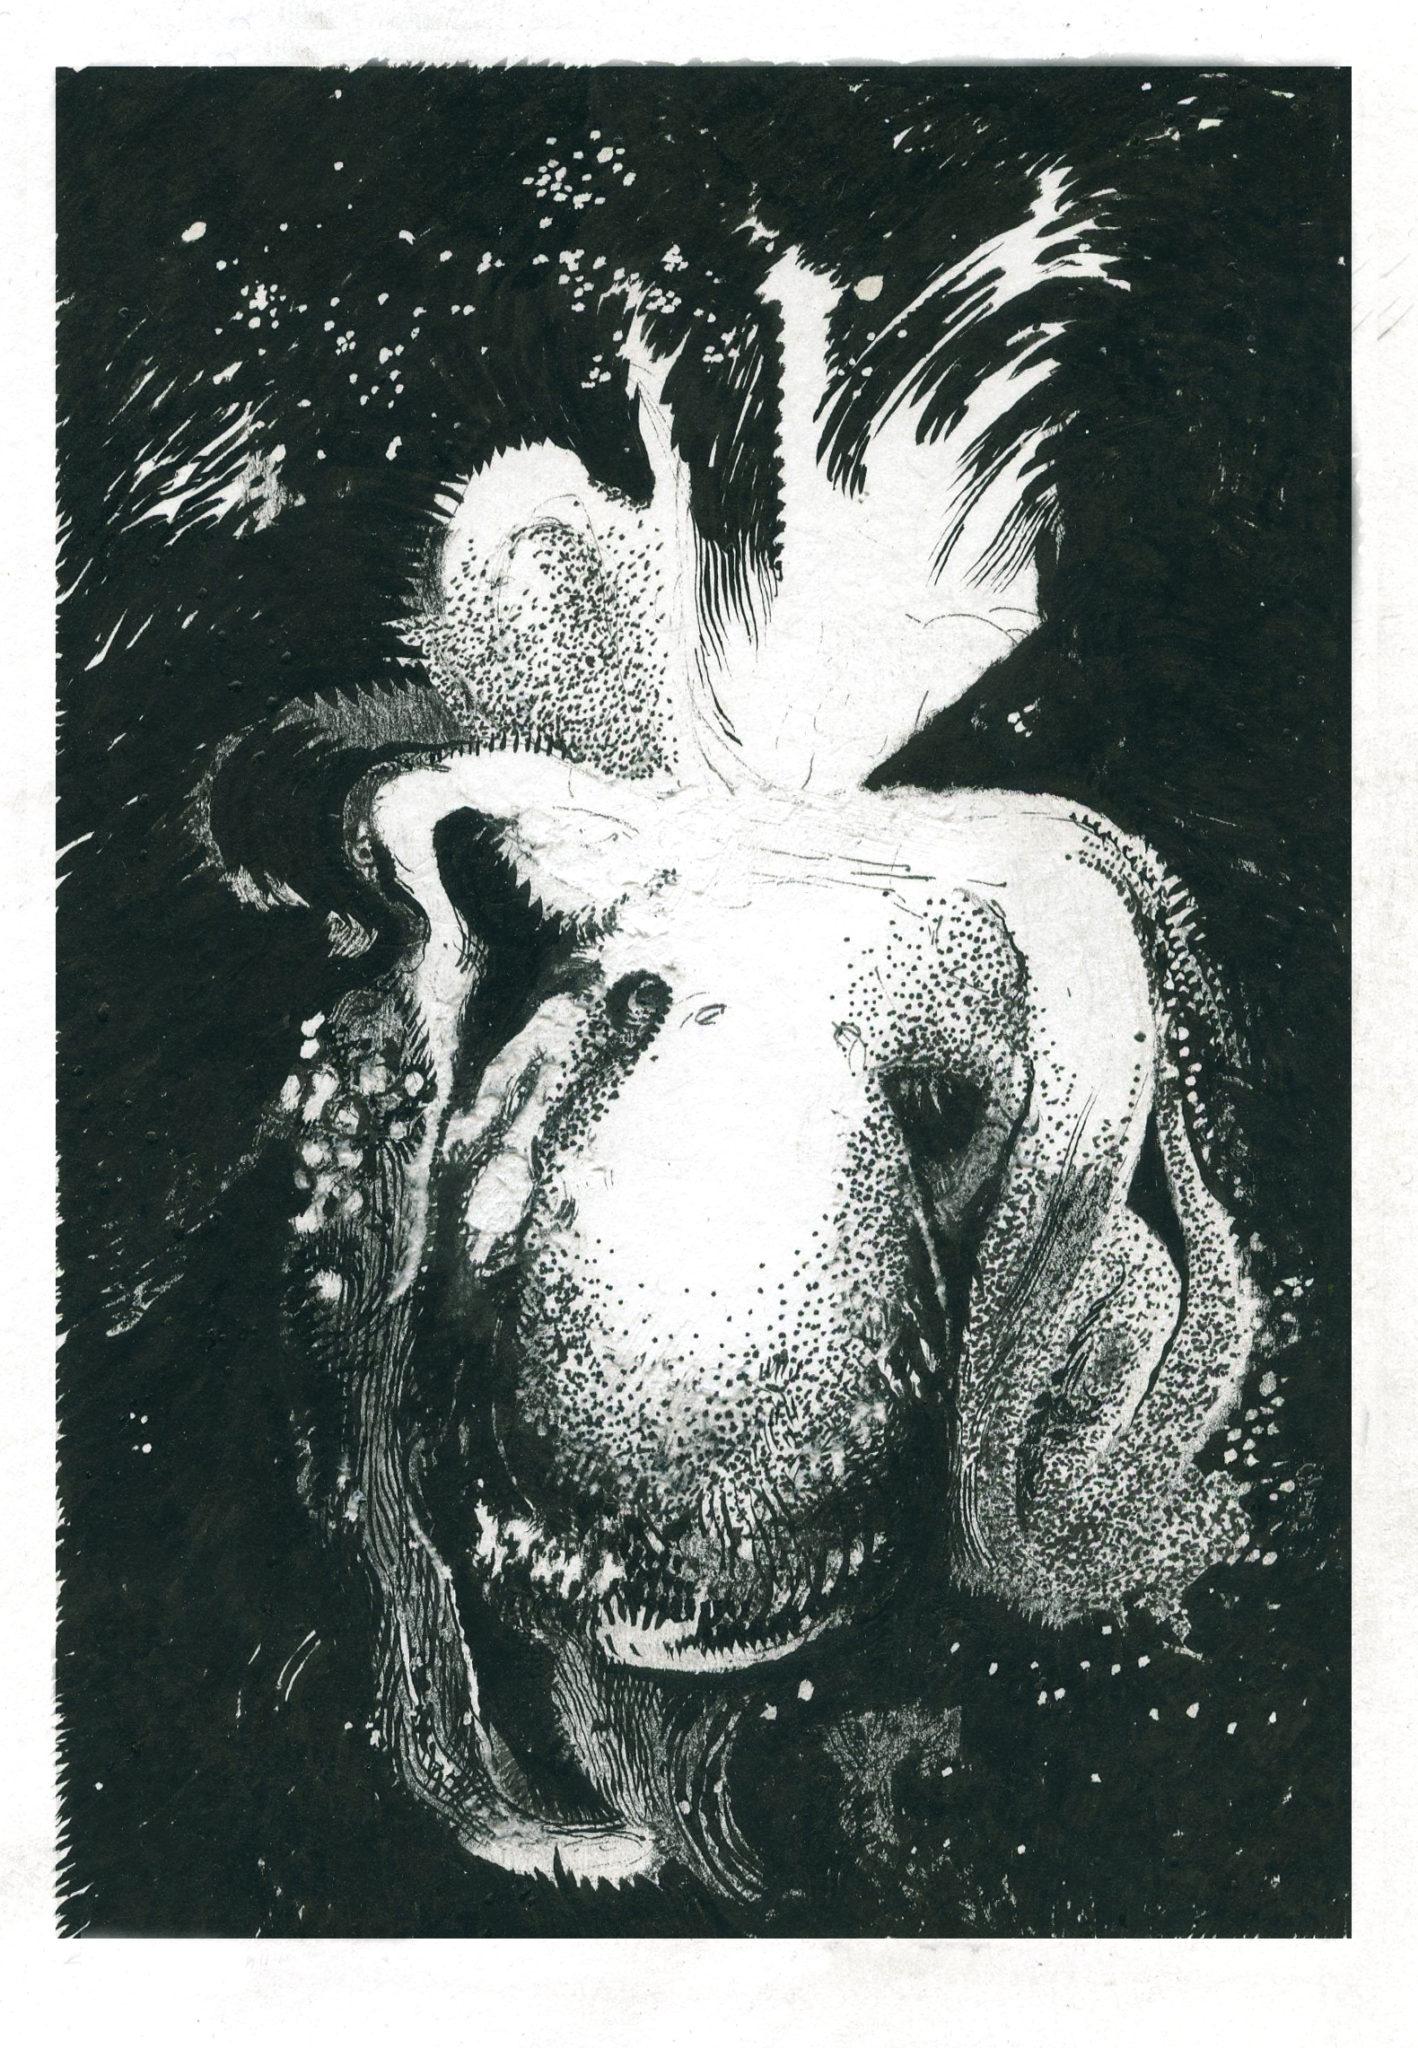 Julien Tiberi, Sans titre, 2019_Graphite et encre sur papier, 17,5 x 12 cm_Courtesy Semiose, Paris